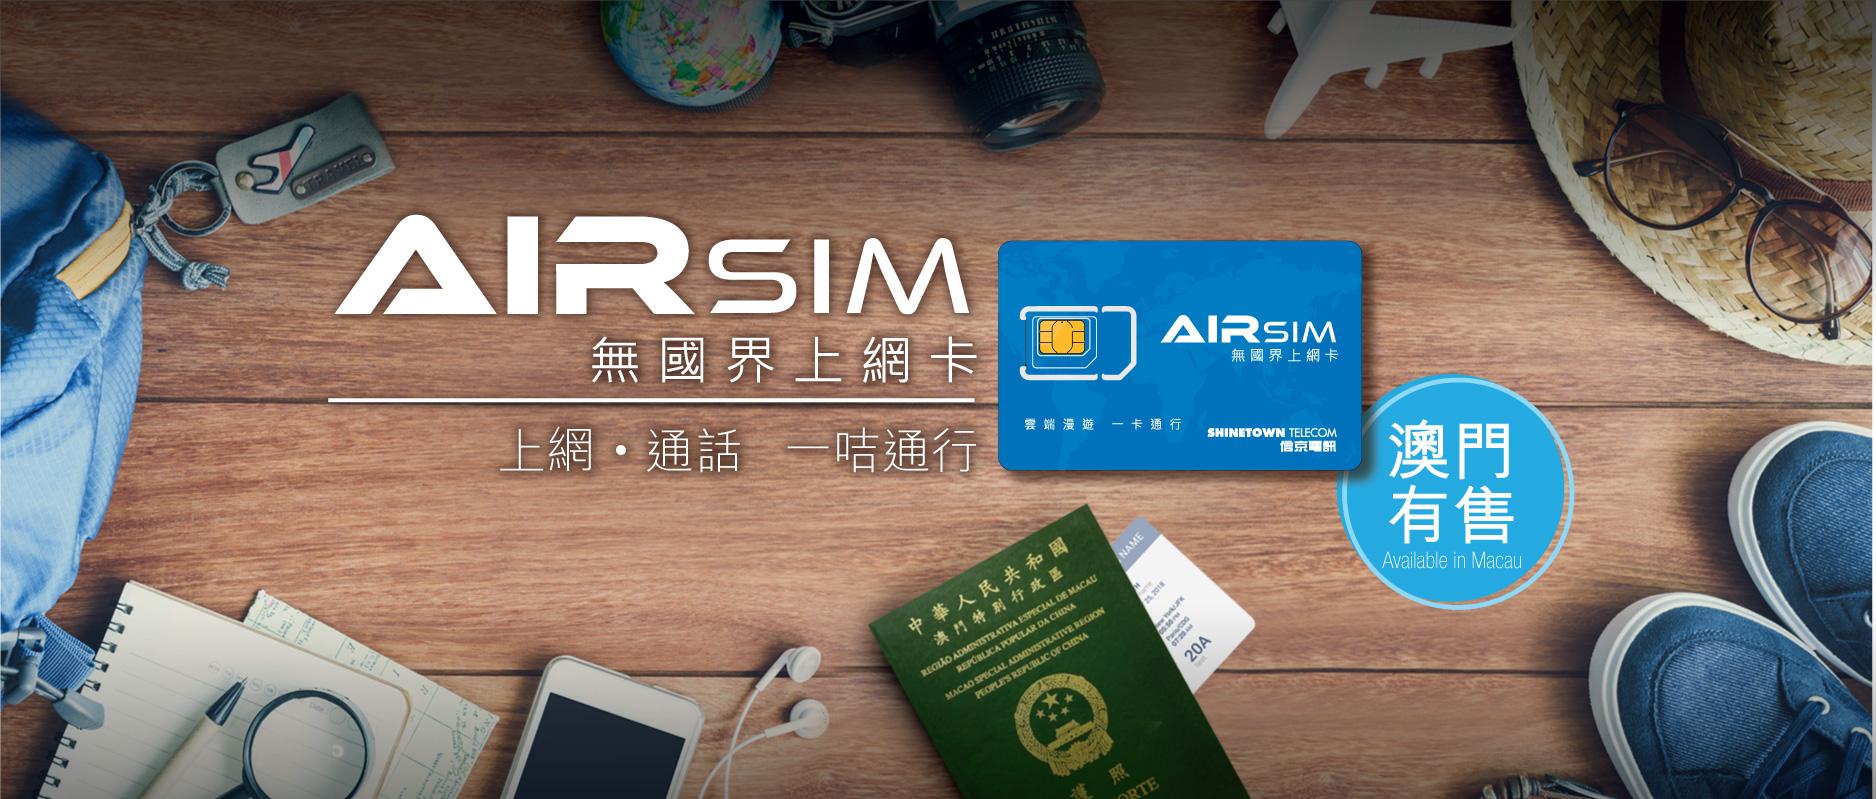 NA06_New AIRSIM_900x383_01_WeChat_Case.jpg